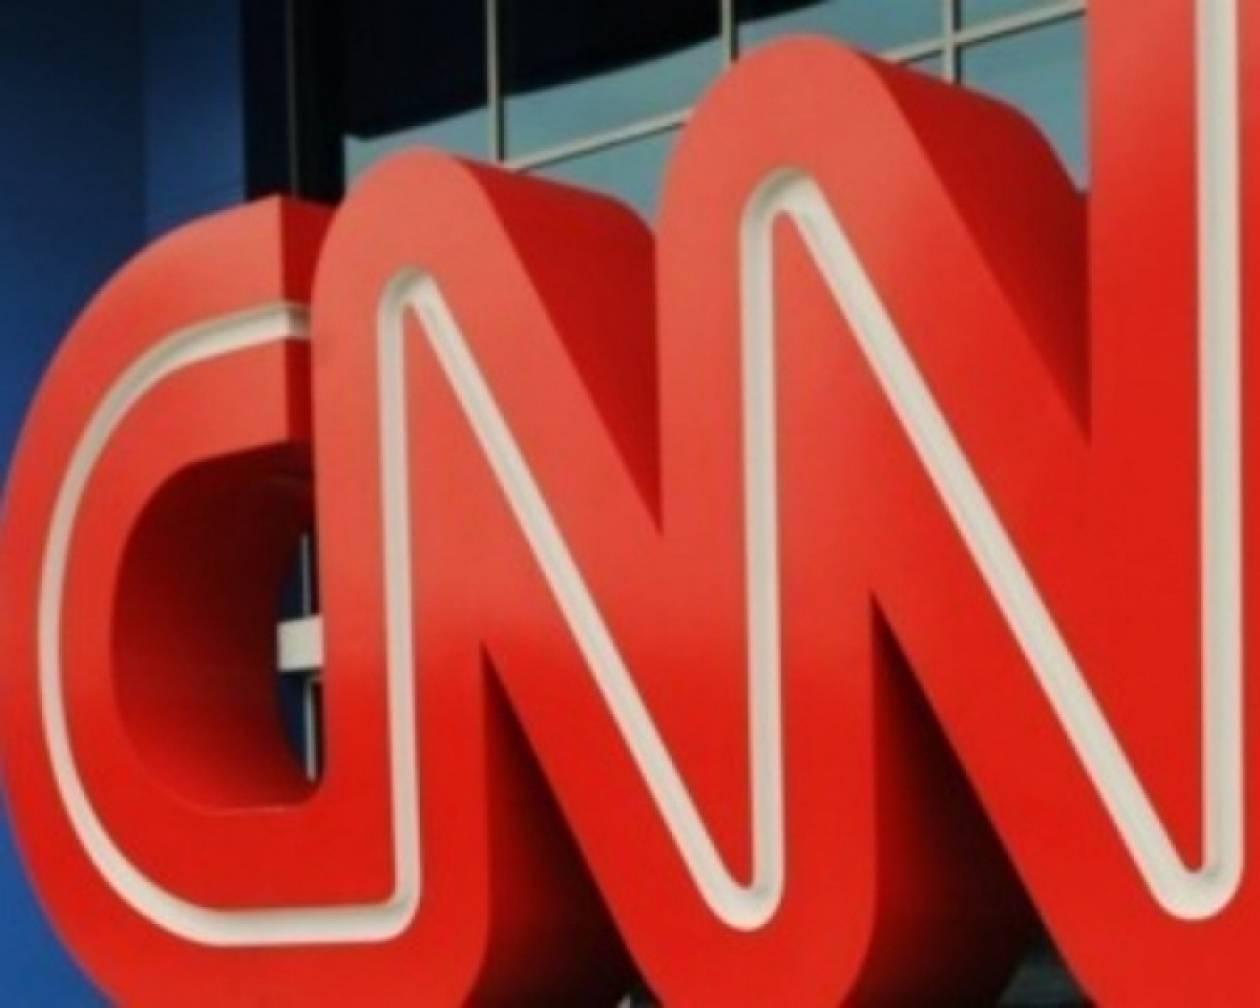 Εκφωνητής ειδήσεων του CNN νεκρός σε τροχαίο